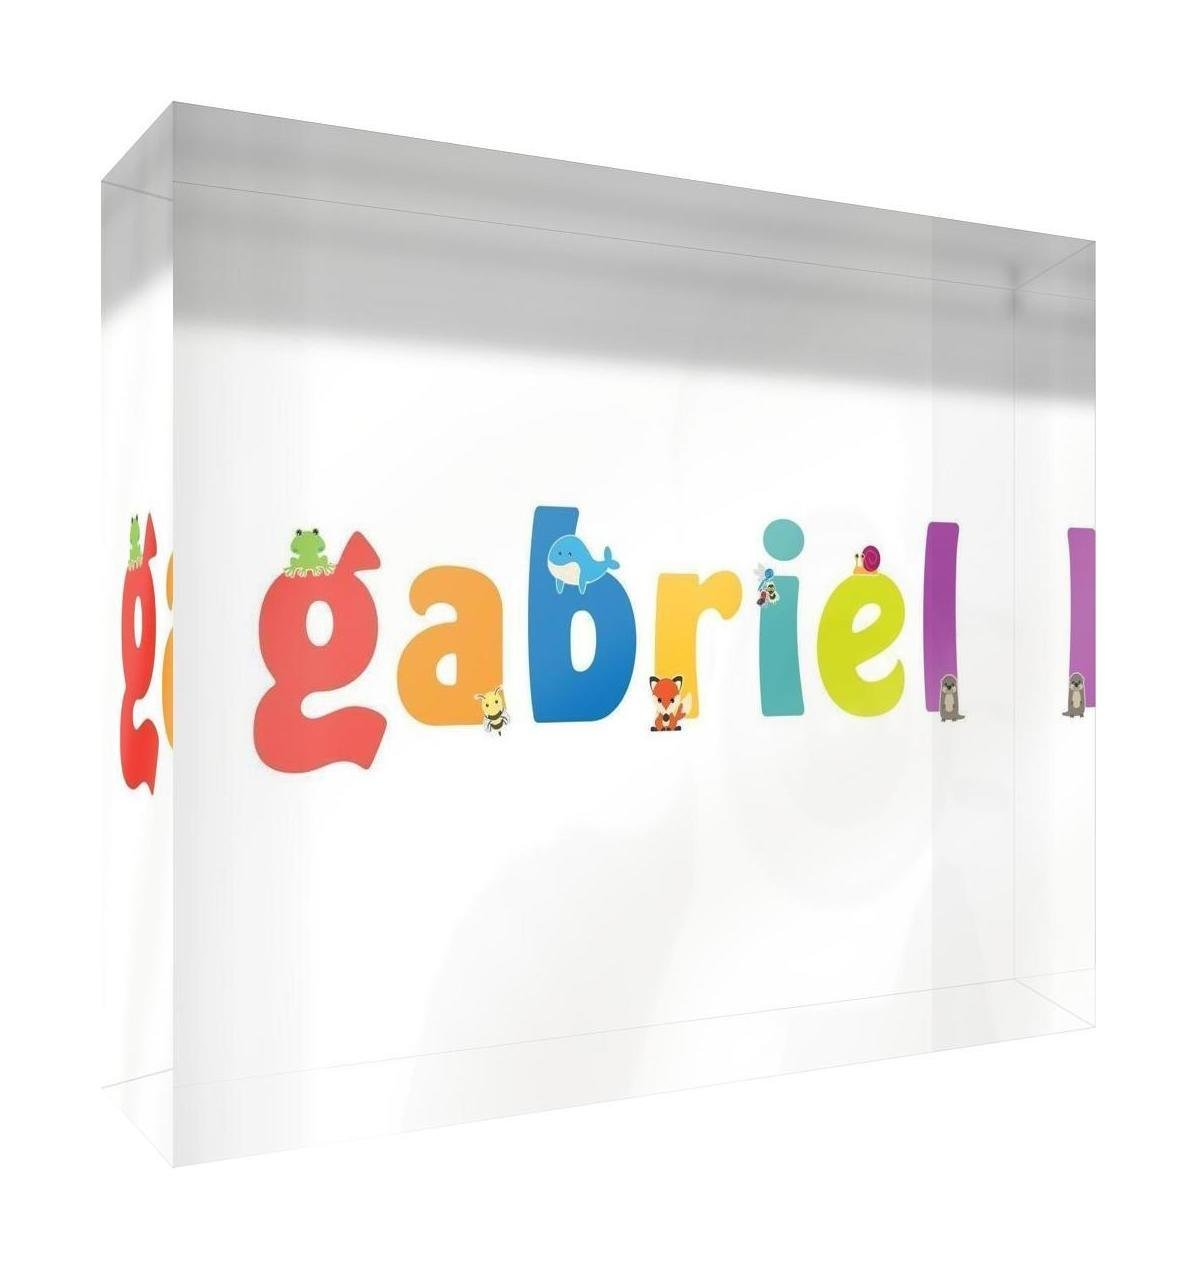 Little Helper Souvenir Décoratif en Acrylique Transparent Poli comme Diamant Style Illustratif Coloré avec le Nom de Jeune Garçon Gabriel 5 x 15 x 2 cm Petit LHV-GABRIEL-515BLK-15FR